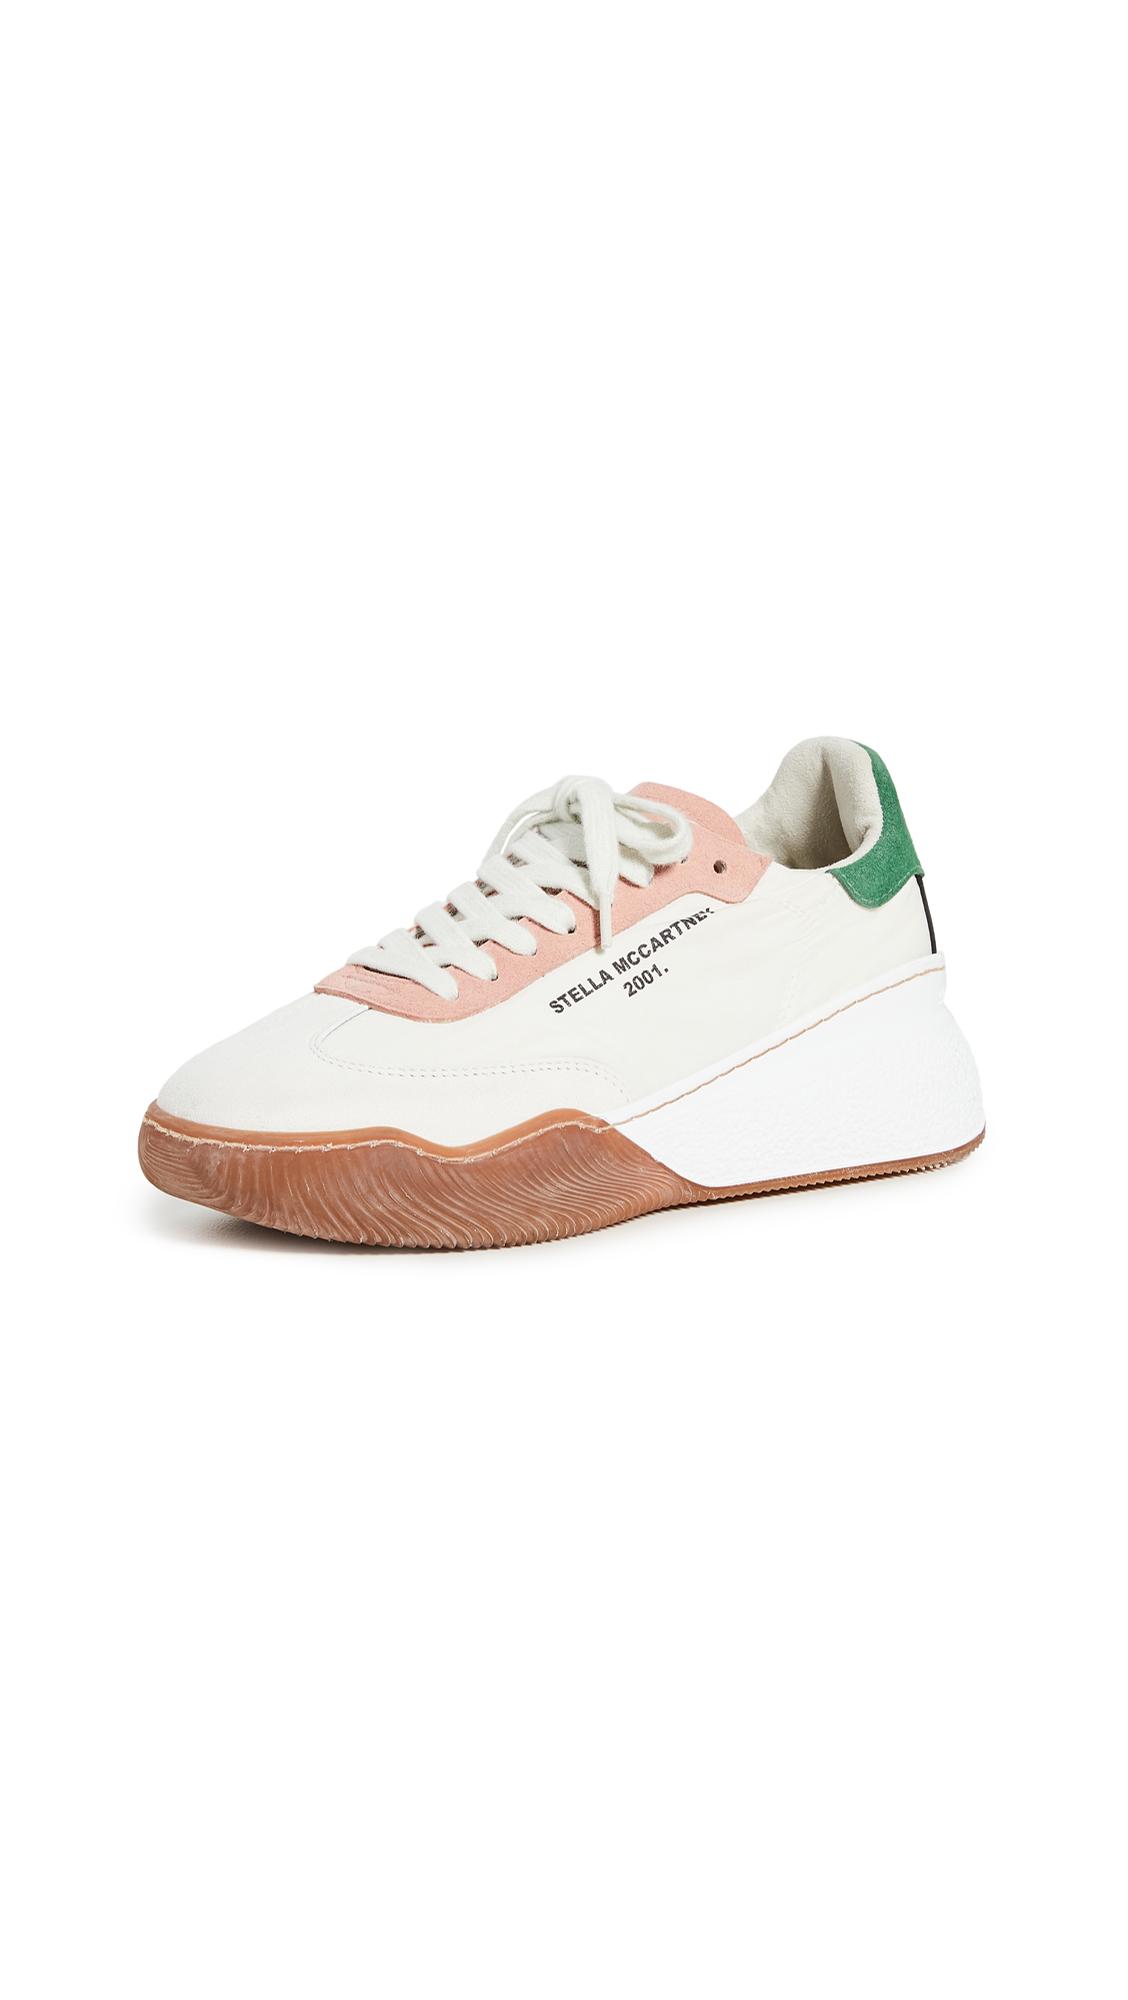 Stella McCartney Loop Lace Up Sneakers